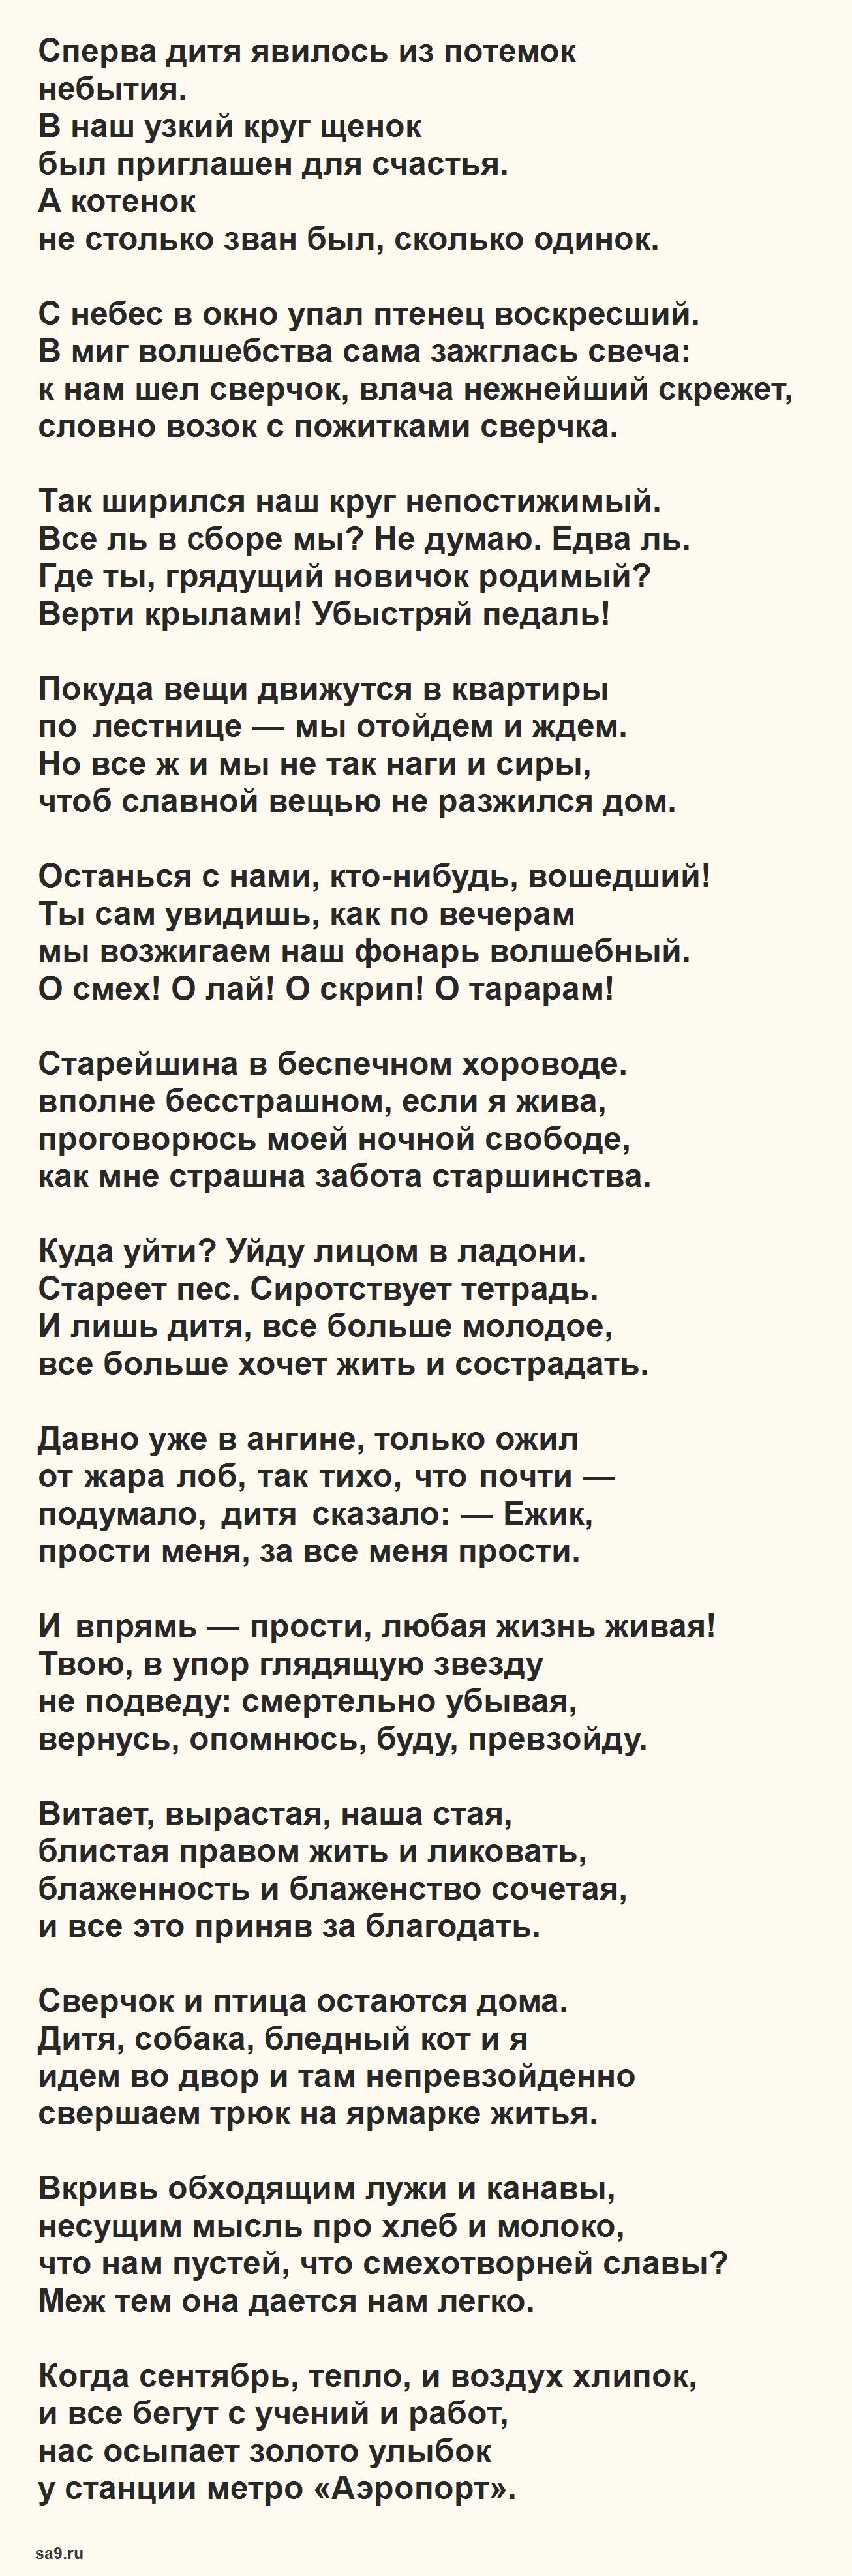 Стихи о жизни - Семья и быт, Ахмадулина